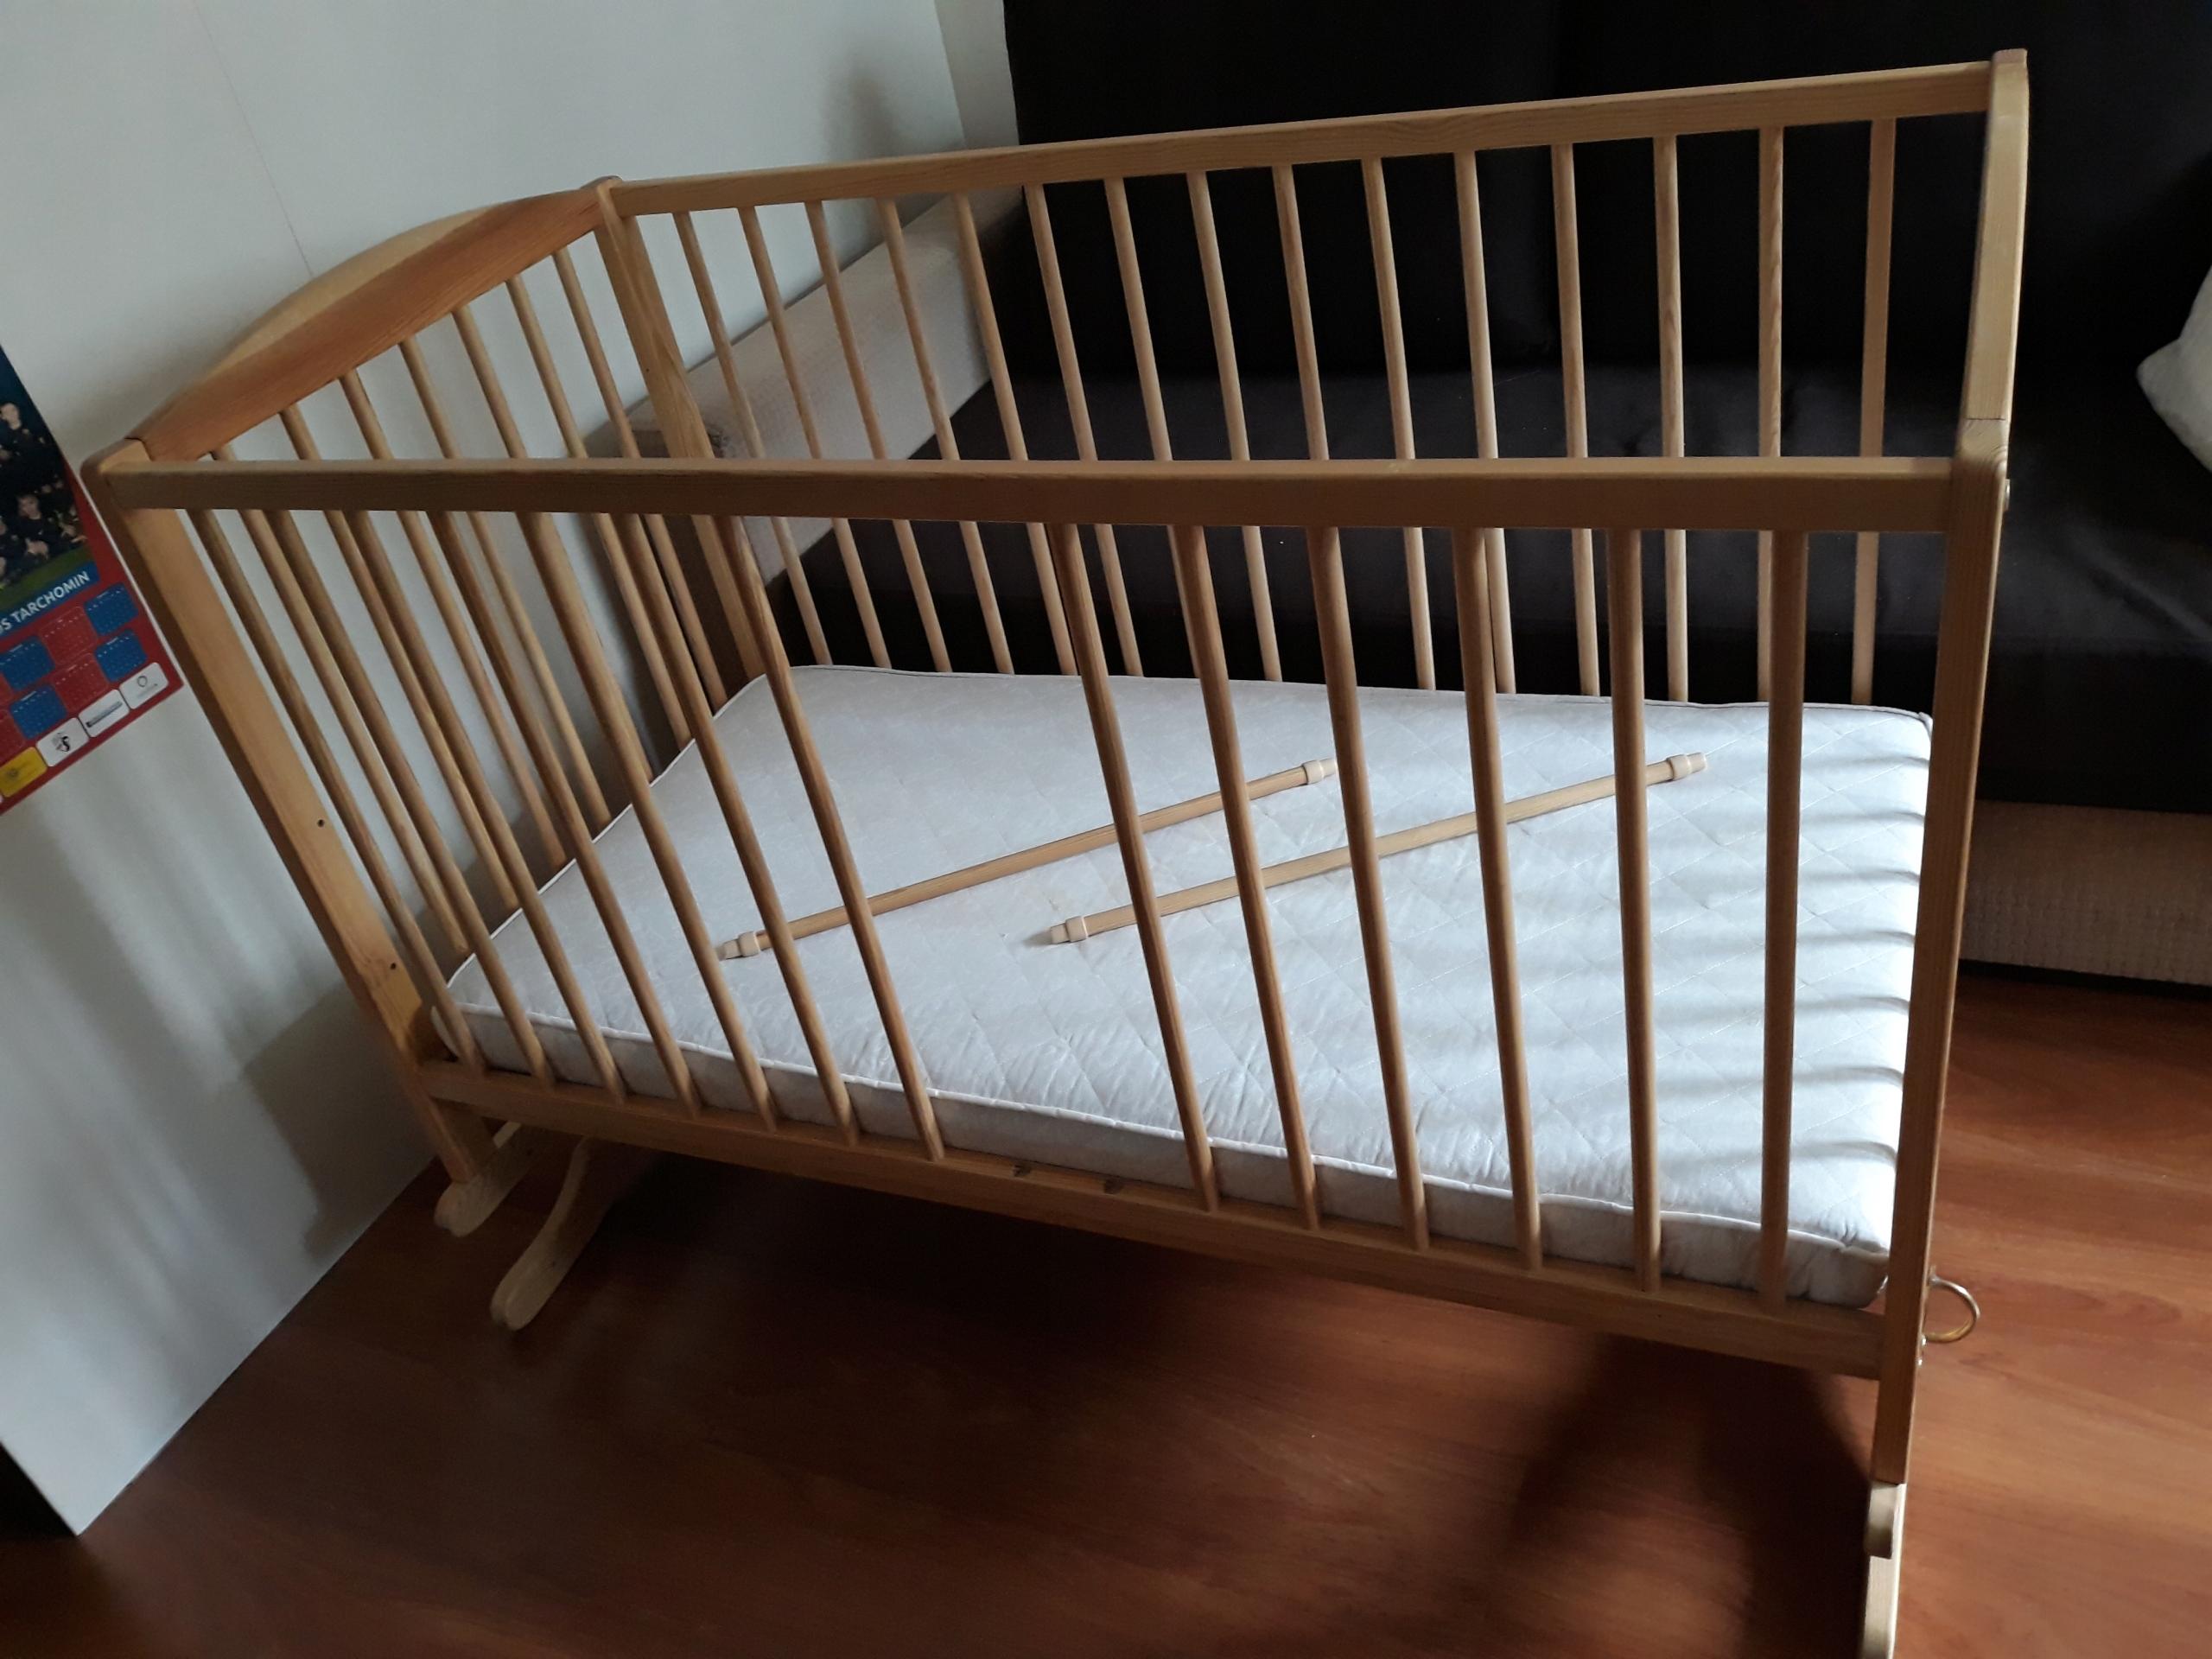 Łóżeczko KOŁYSKA dziecięce drewniane 120x60cm